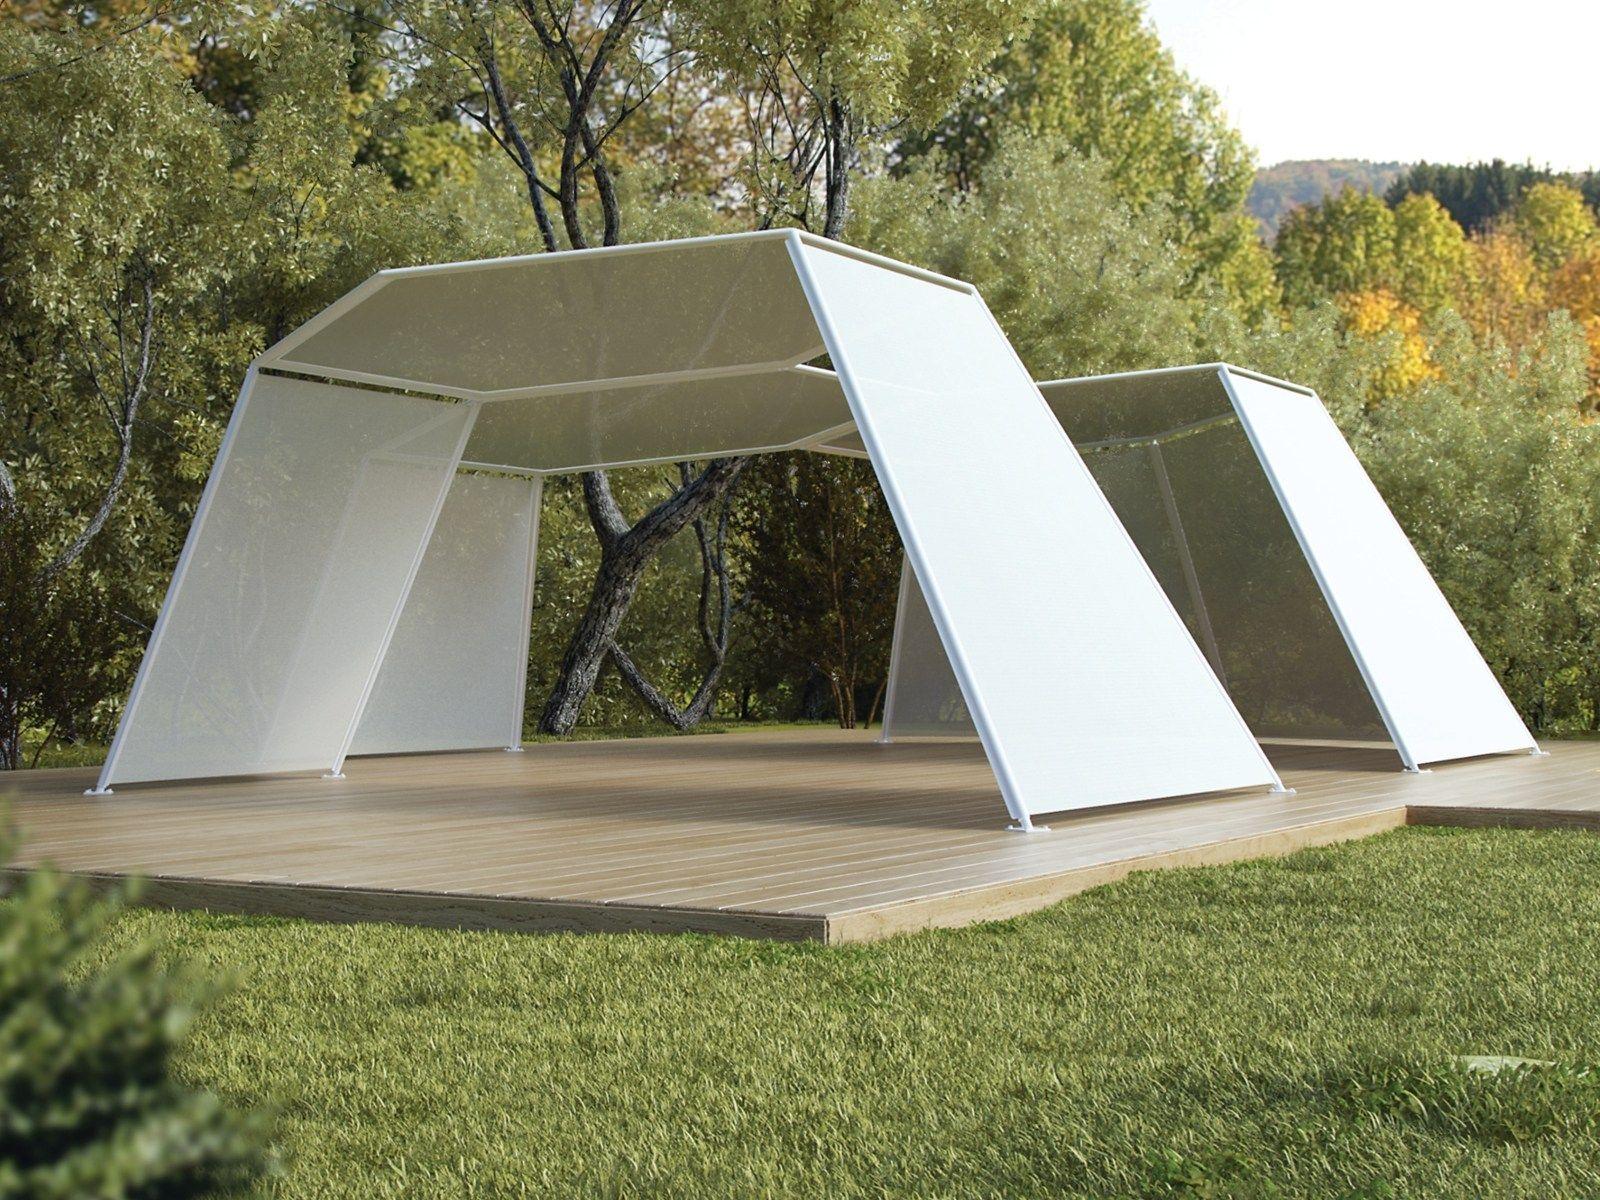 Gartenpavillon design  Gartenpavillon Geschlossen | ambiznes.com